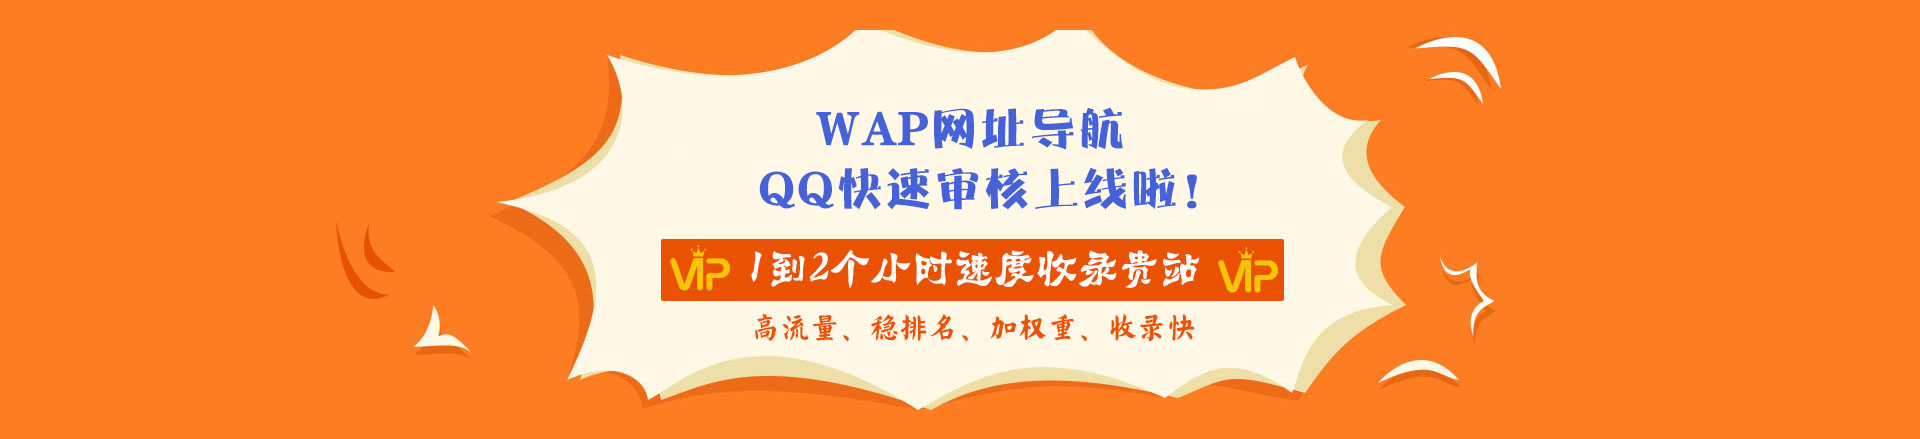 WAP网址导航QQ快速审核上线啦!